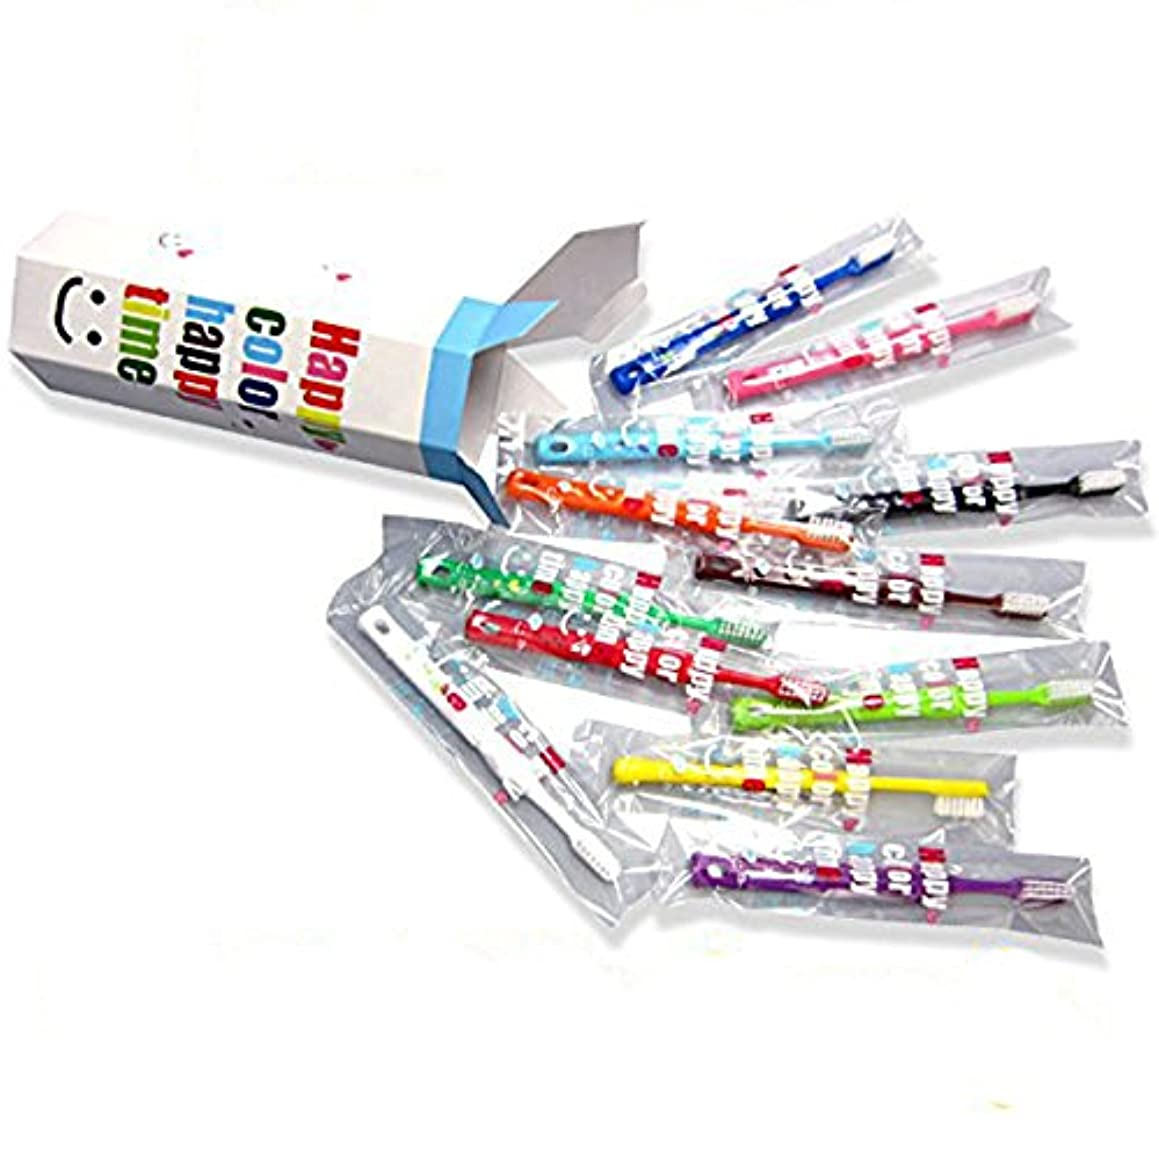 マインドフル逆さまに神経衰弱ラピス 子供 歯ブラシ ラピス LA-210 ハッピーカラー12色 ?ジュニア用? 歯ブラシ セット 単品106